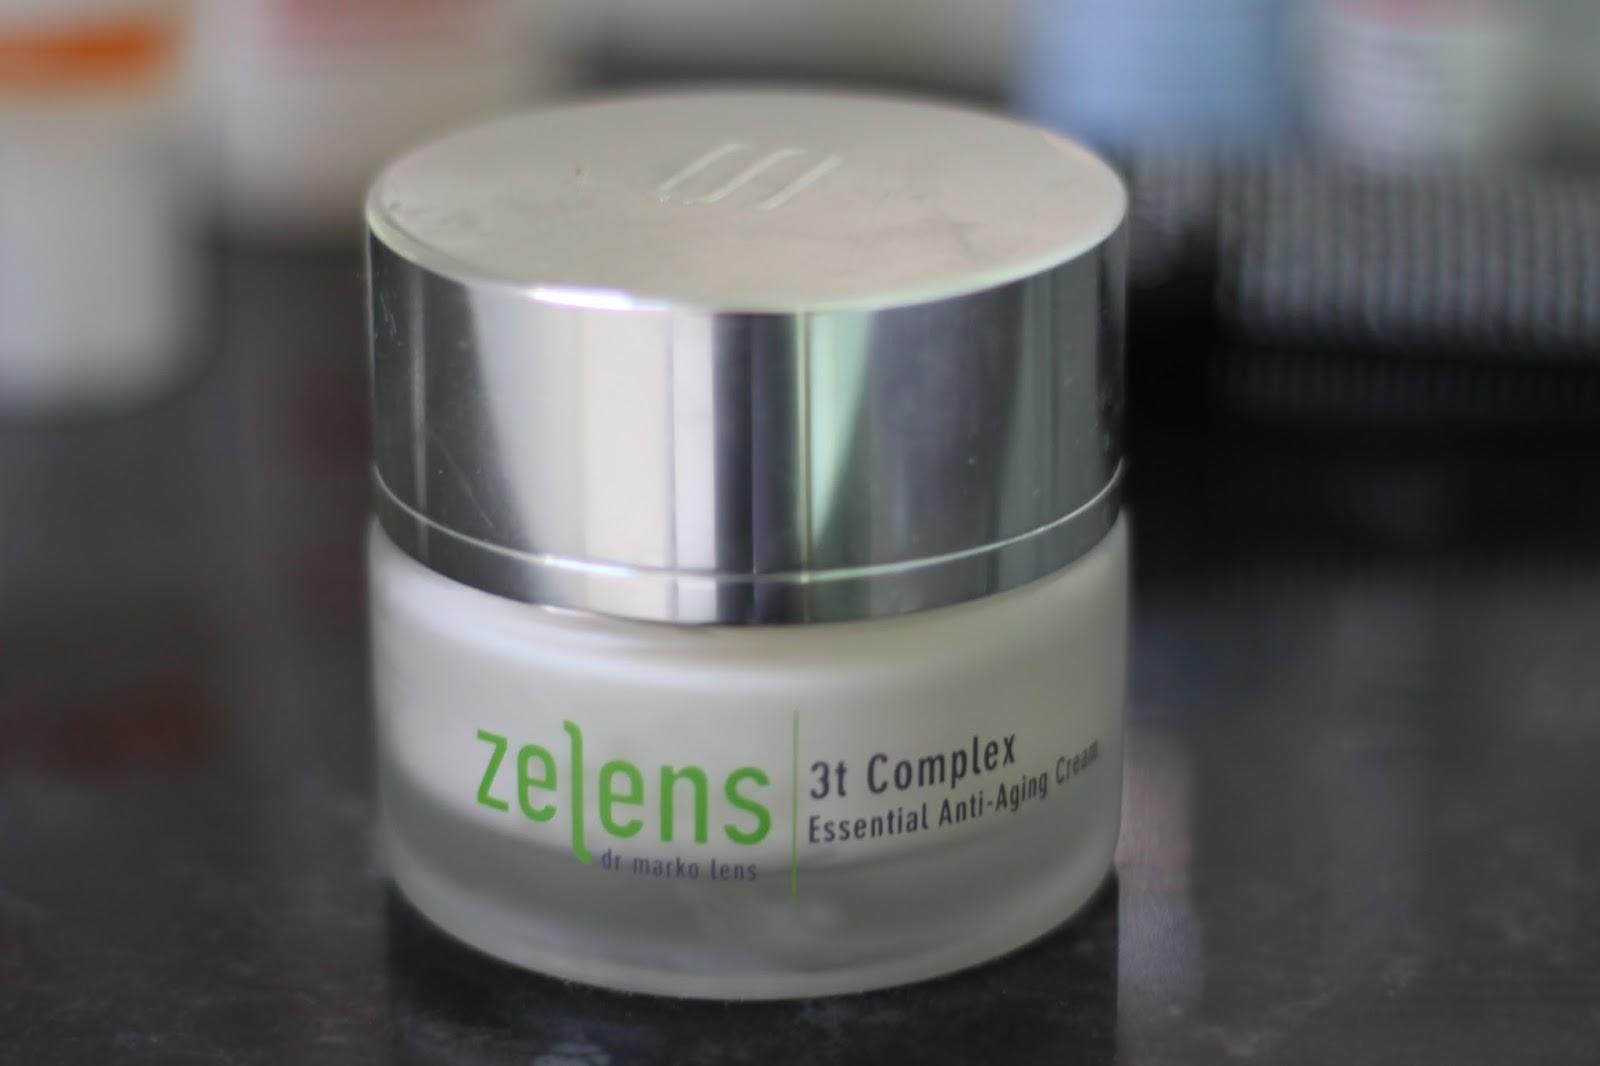 Zelens 3t Essential Anti Aging Cream